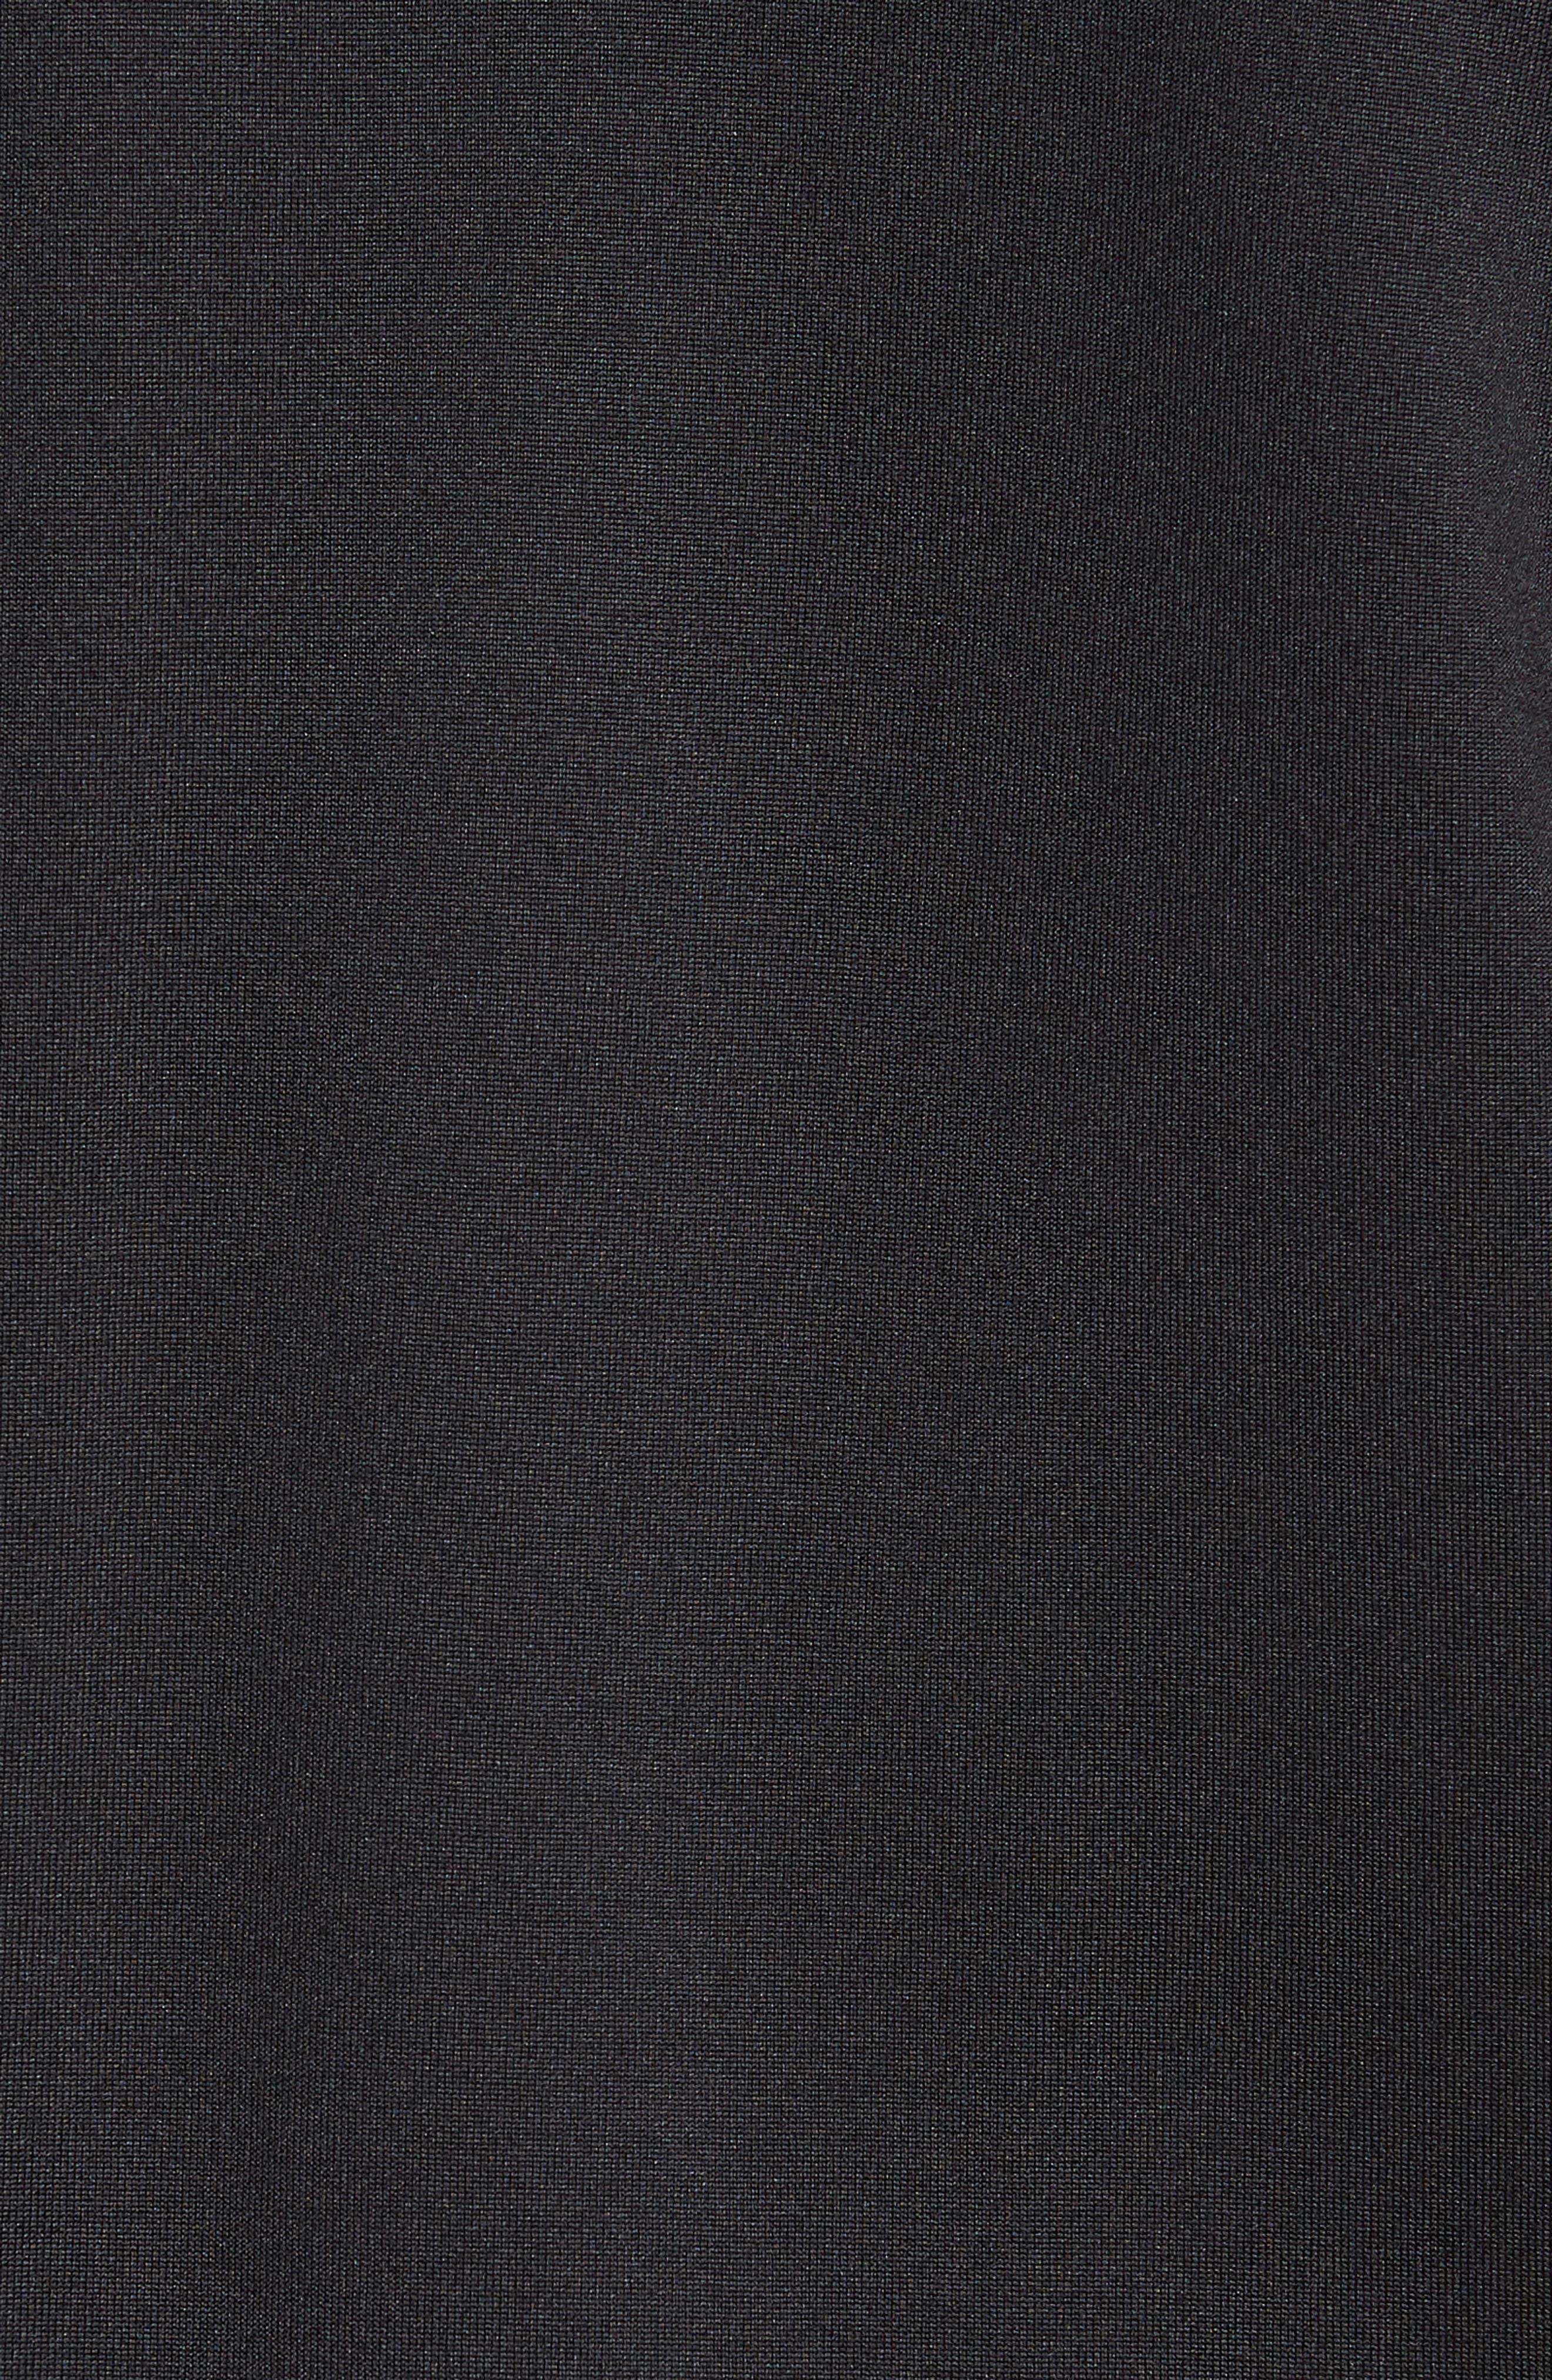 Crosstek Hybrid Hooded Jacket,                             Alternate thumbnail 5, color,                             BLACK